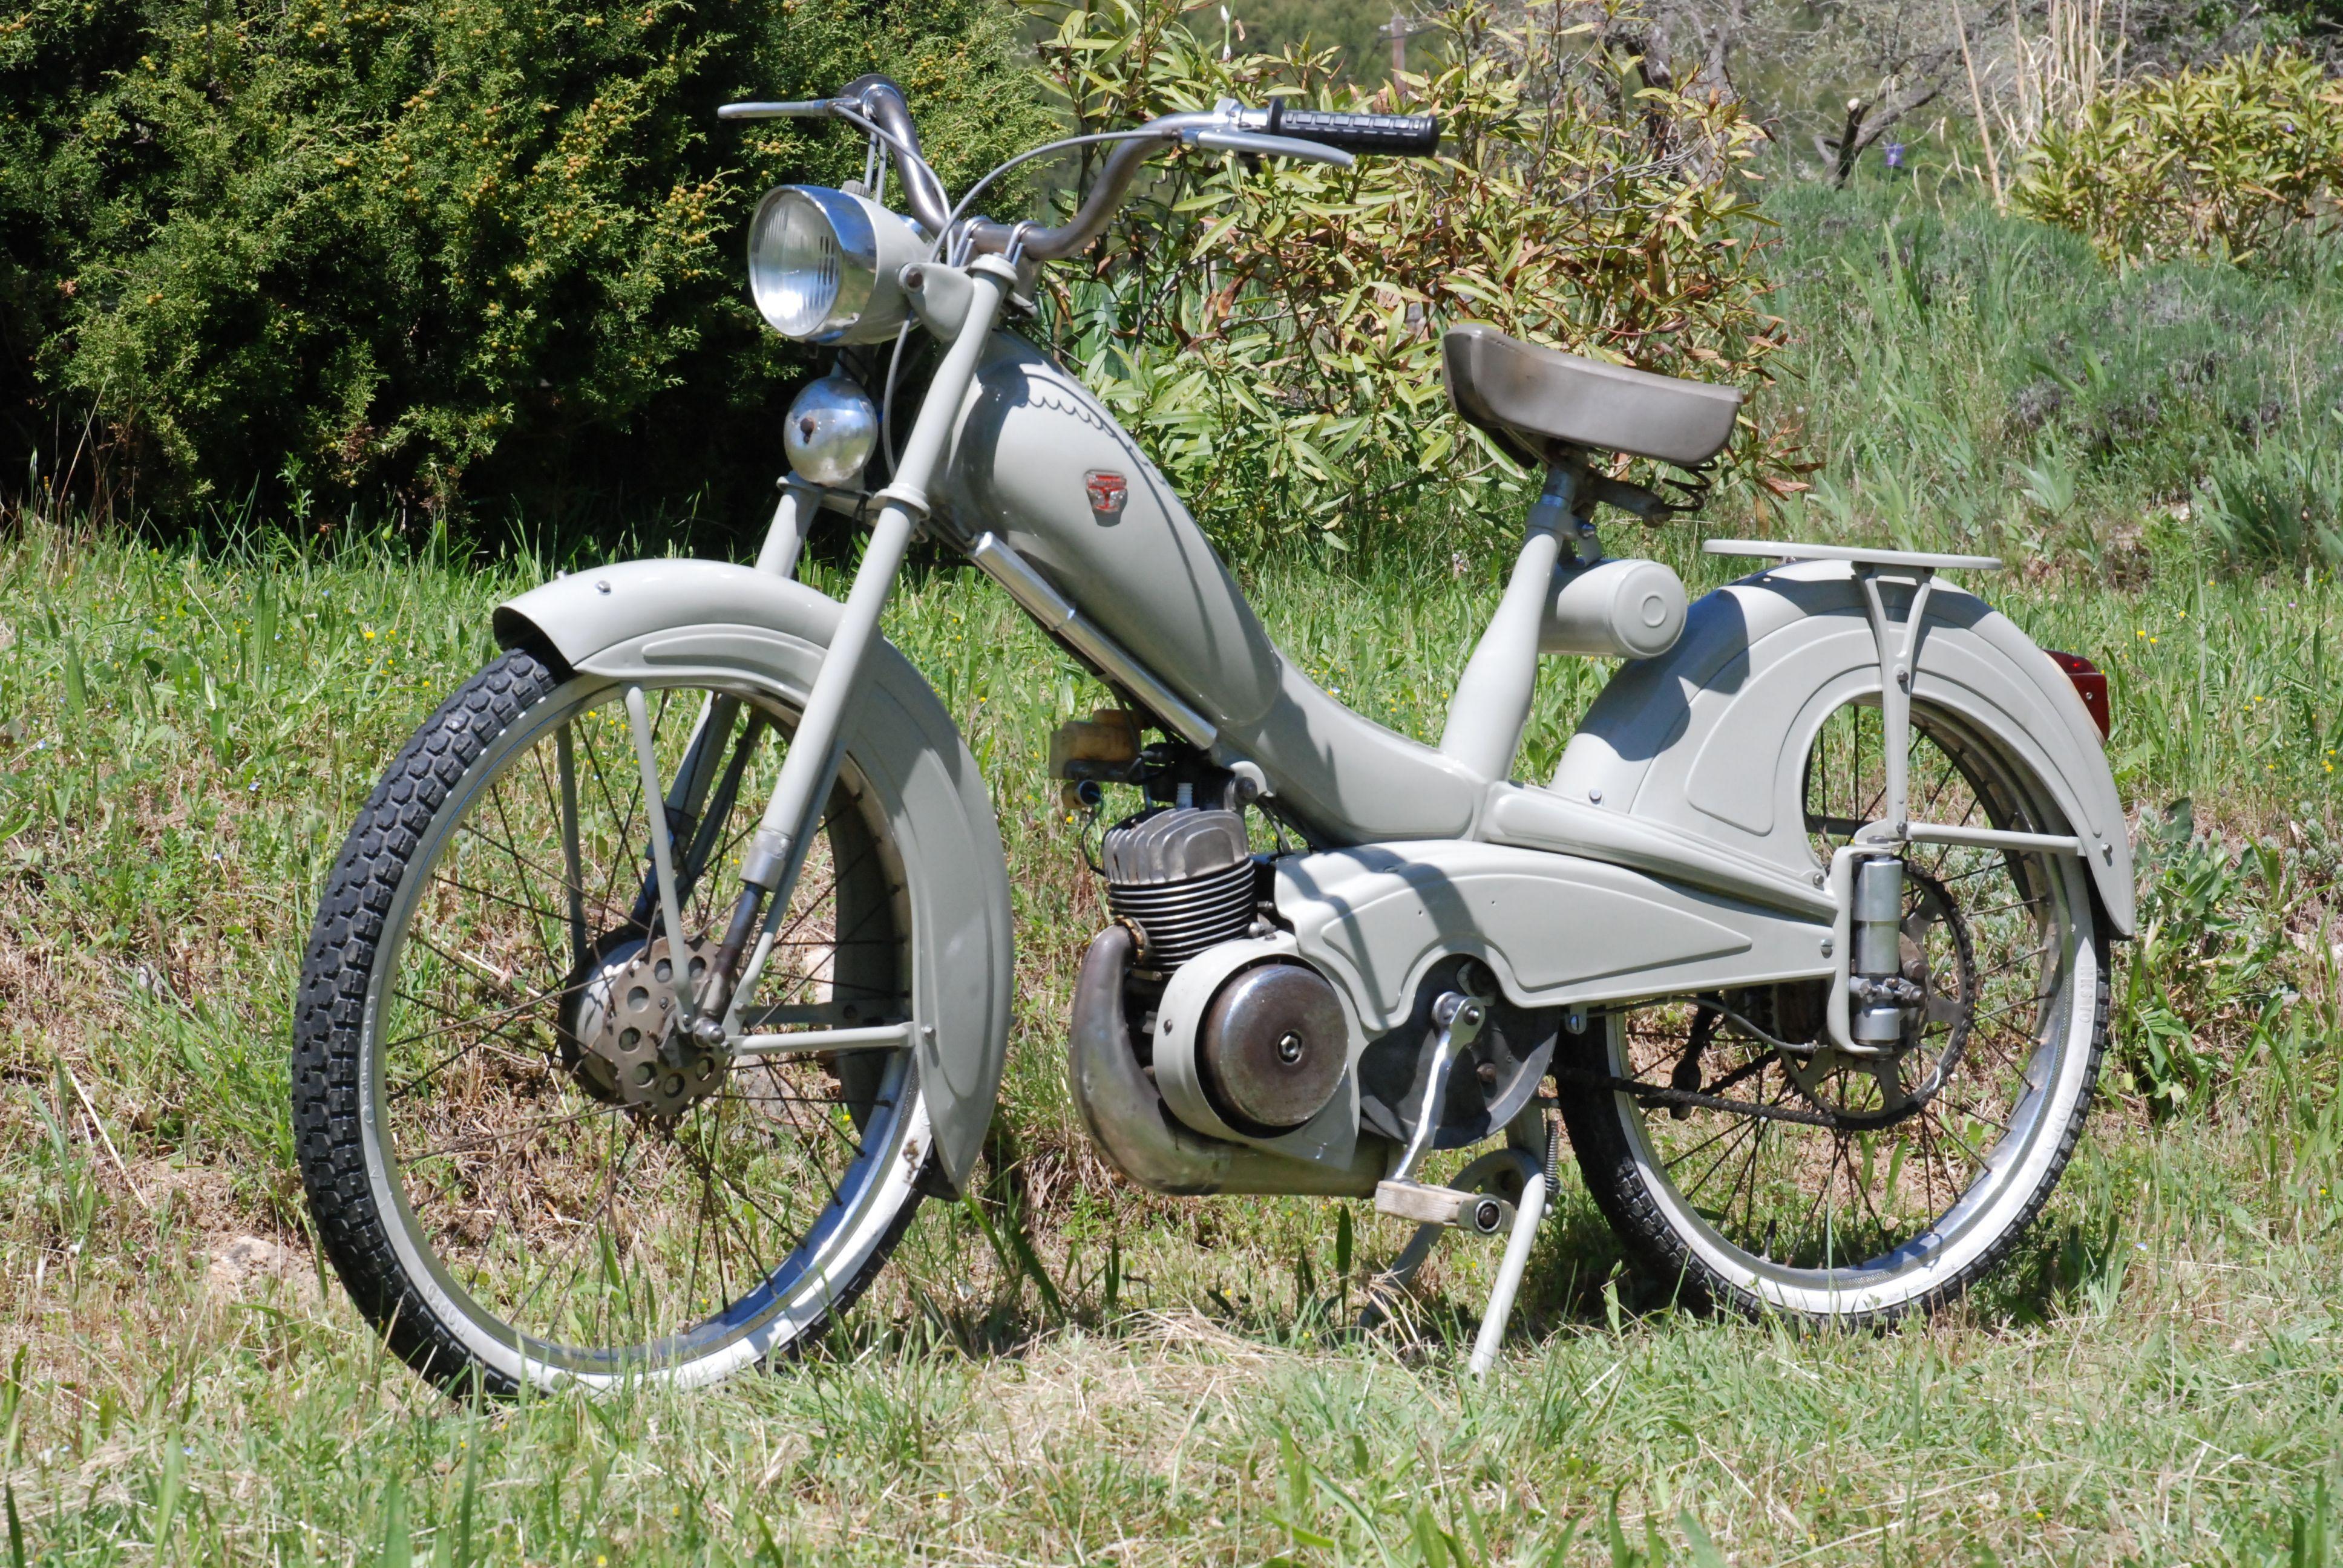 mobylette av78 mobylette pinterest mopeds. Black Bedroom Furniture Sets. Home Design Ideas